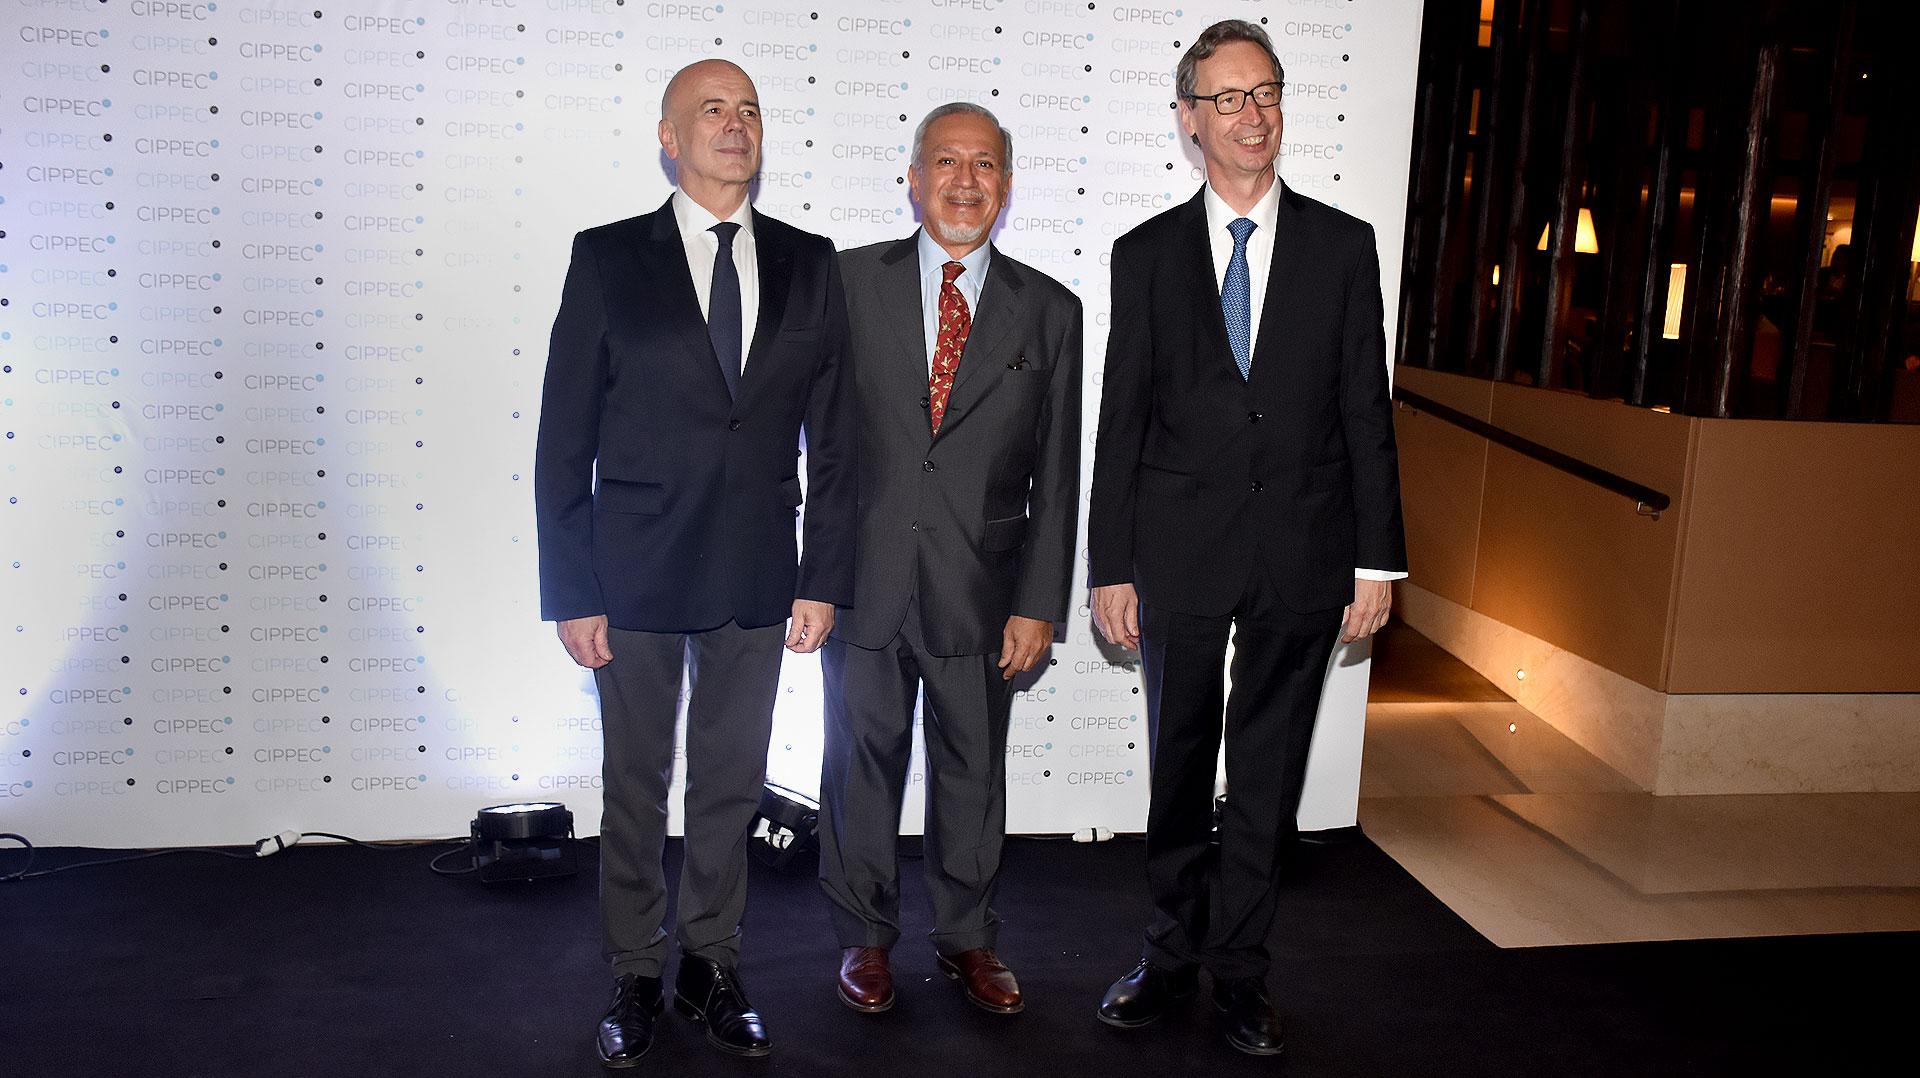 Jorge Telerman, director del Complejo Teatral de Buenos Aires; el ex gobernador de Salta, Juan Carlos Romero; y embajador de Alemania en la Argentina, Bernard Graf Von Waldersee